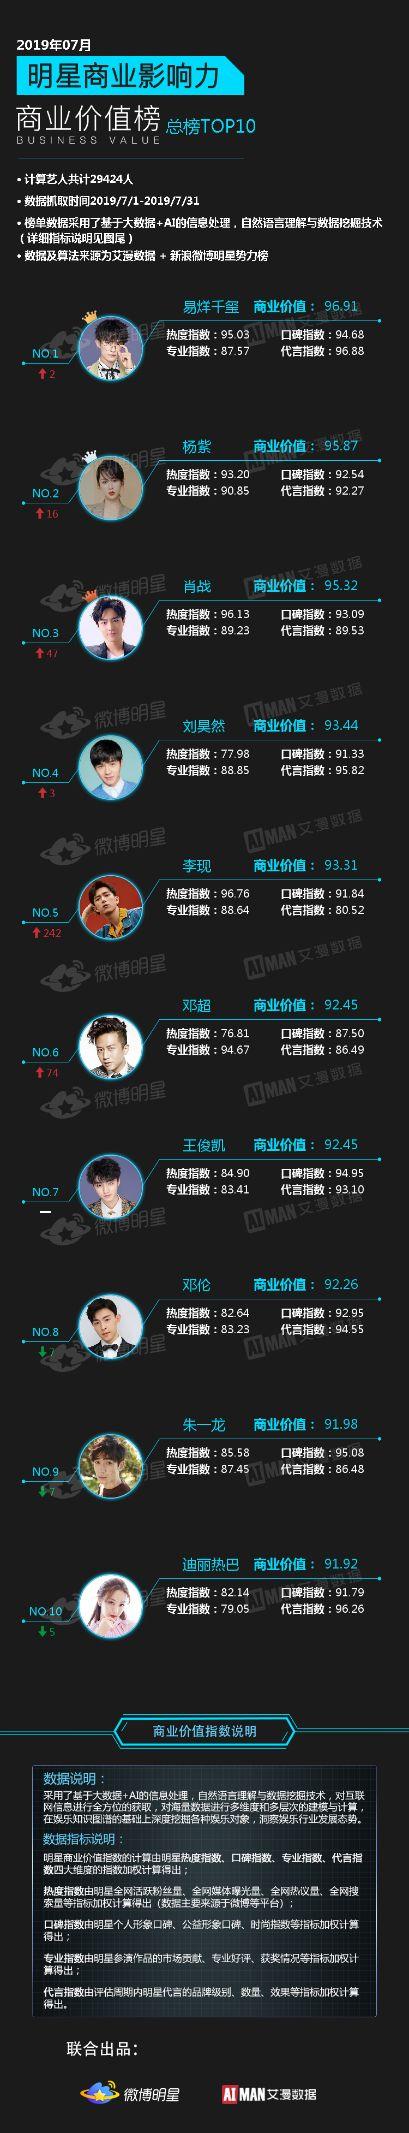 艺人商业价值榜出炉:易烊千玺首夺冠,肖战李现进前十